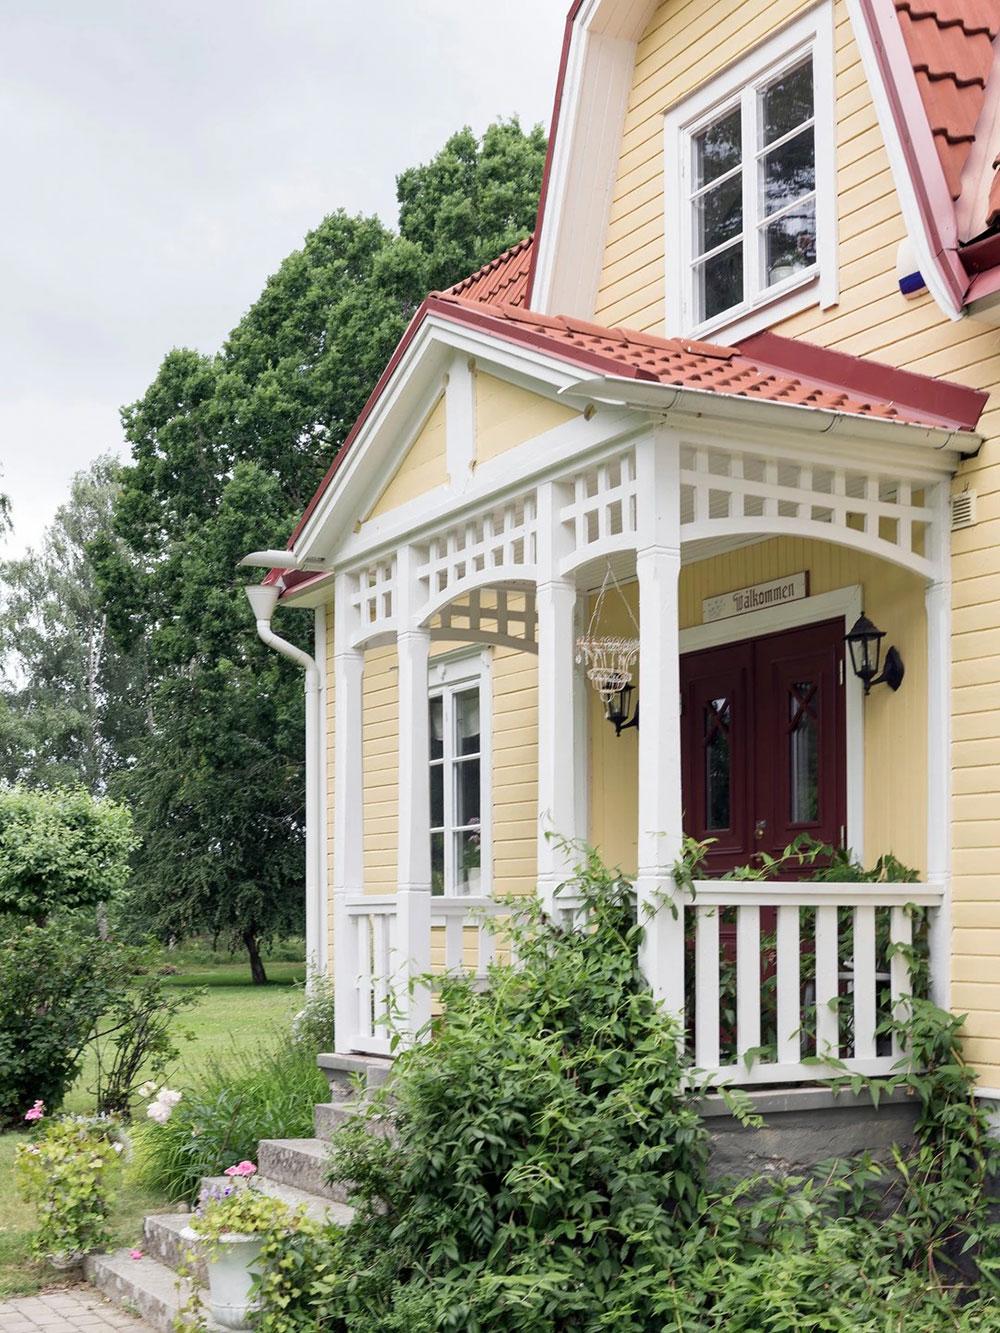 Цветочные мотивы и нежный декор: очаровательная дача 1920 года в Швеции